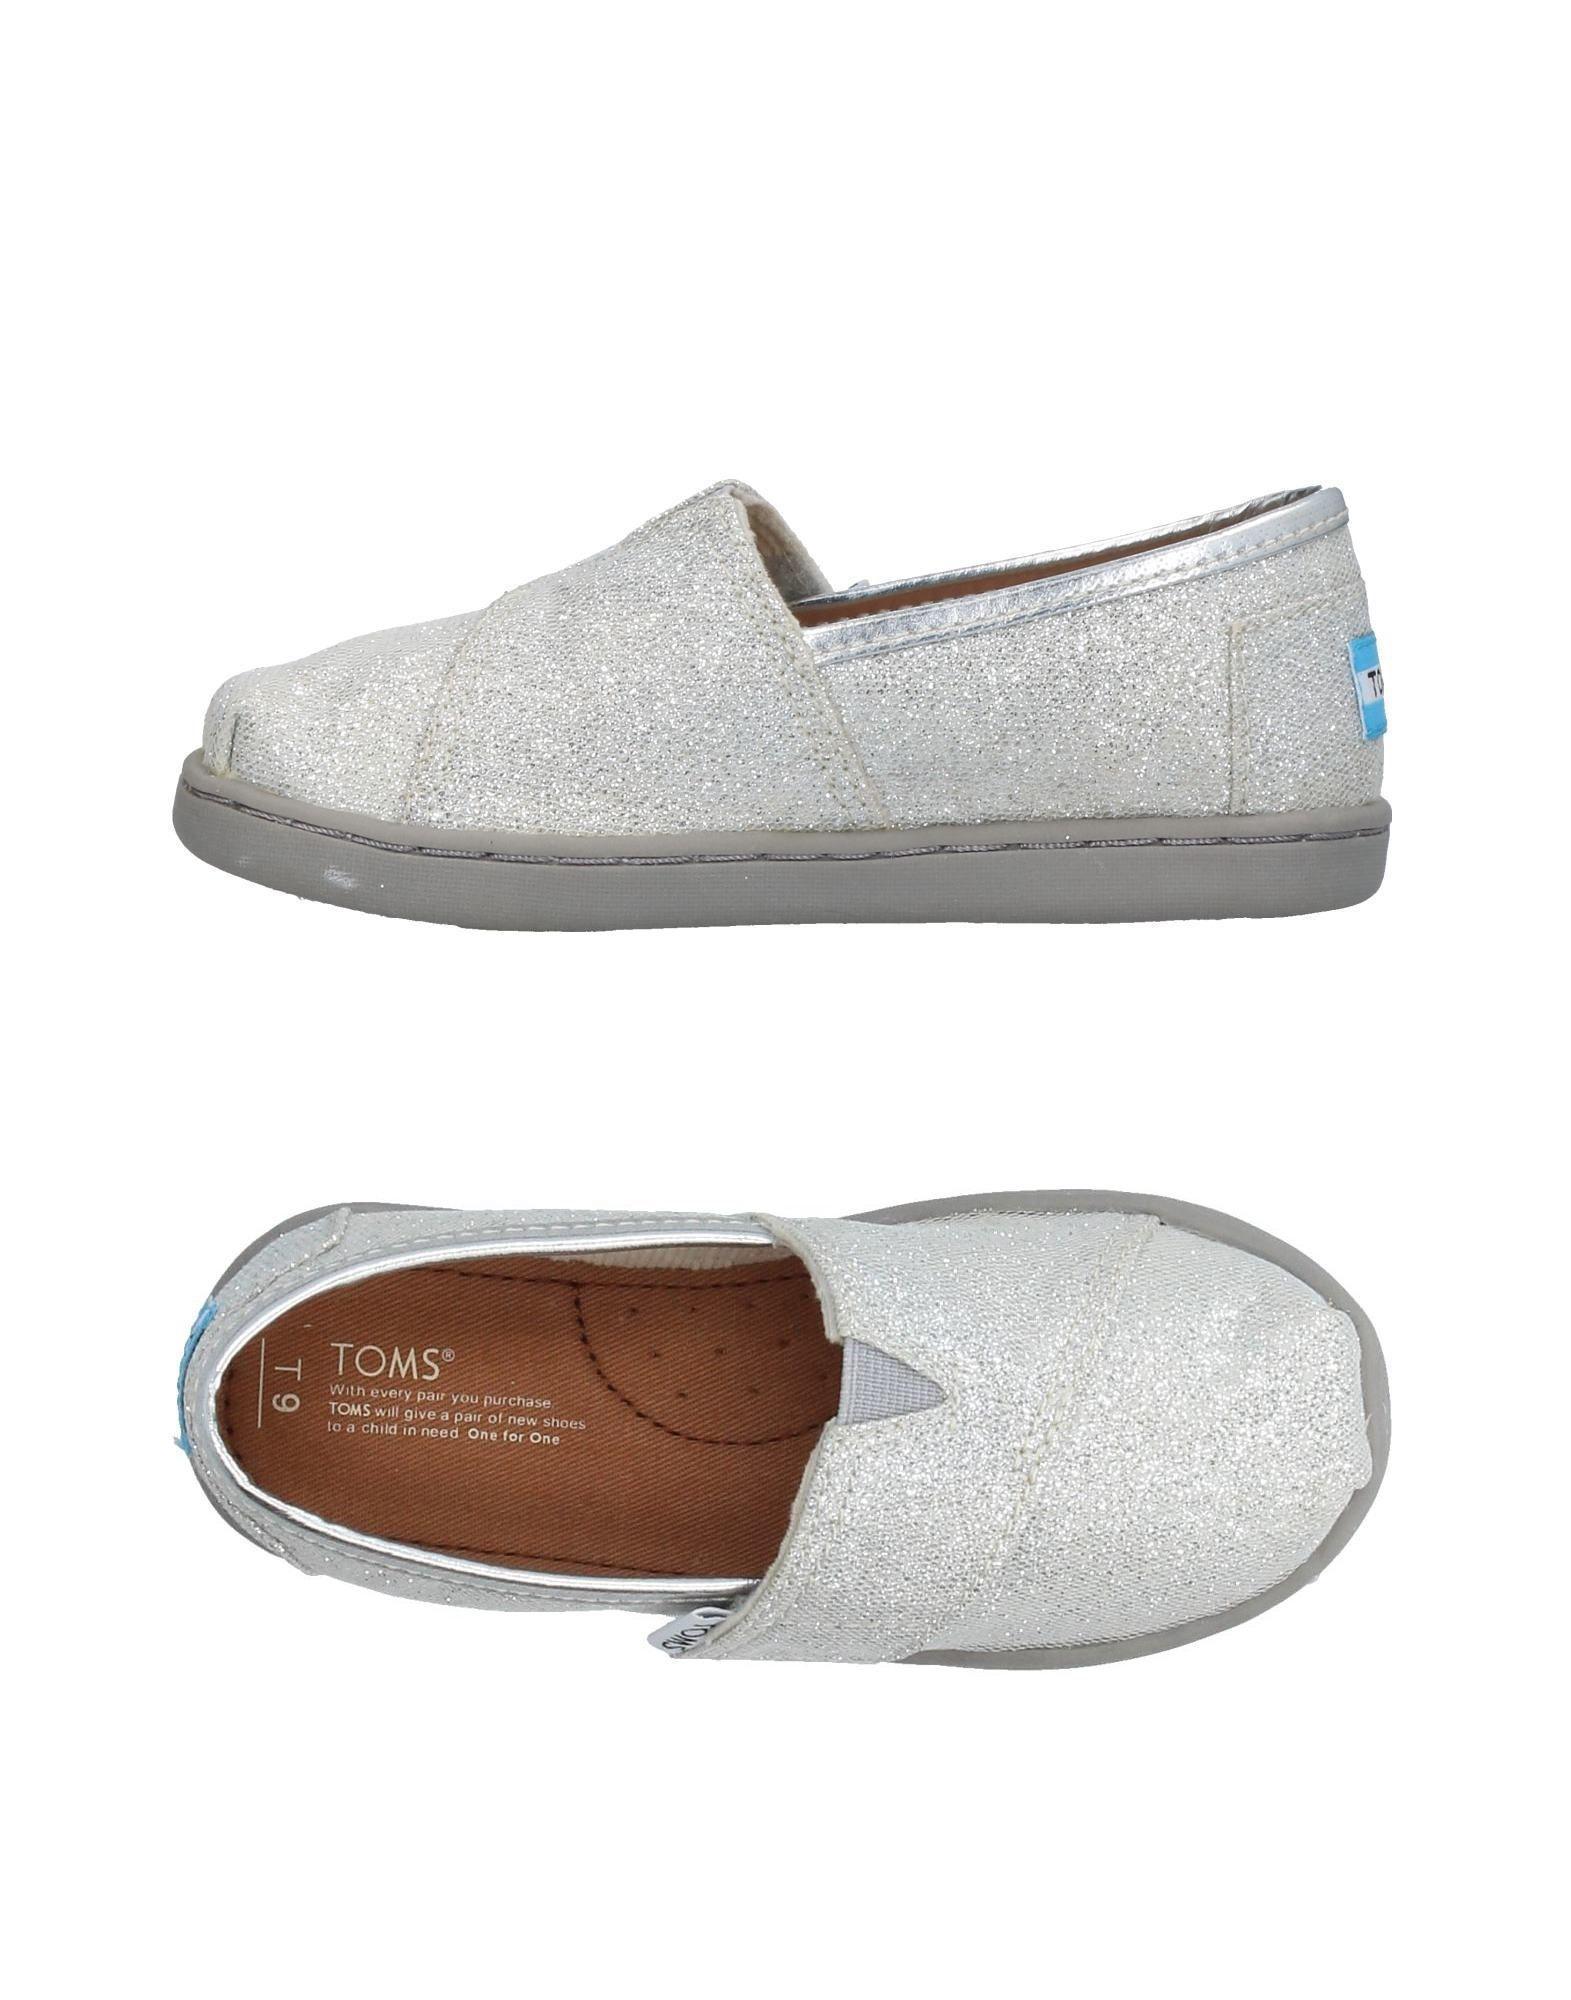 FOOTWEAR - Low-tops & sneakers Toms rBuJpWuRp